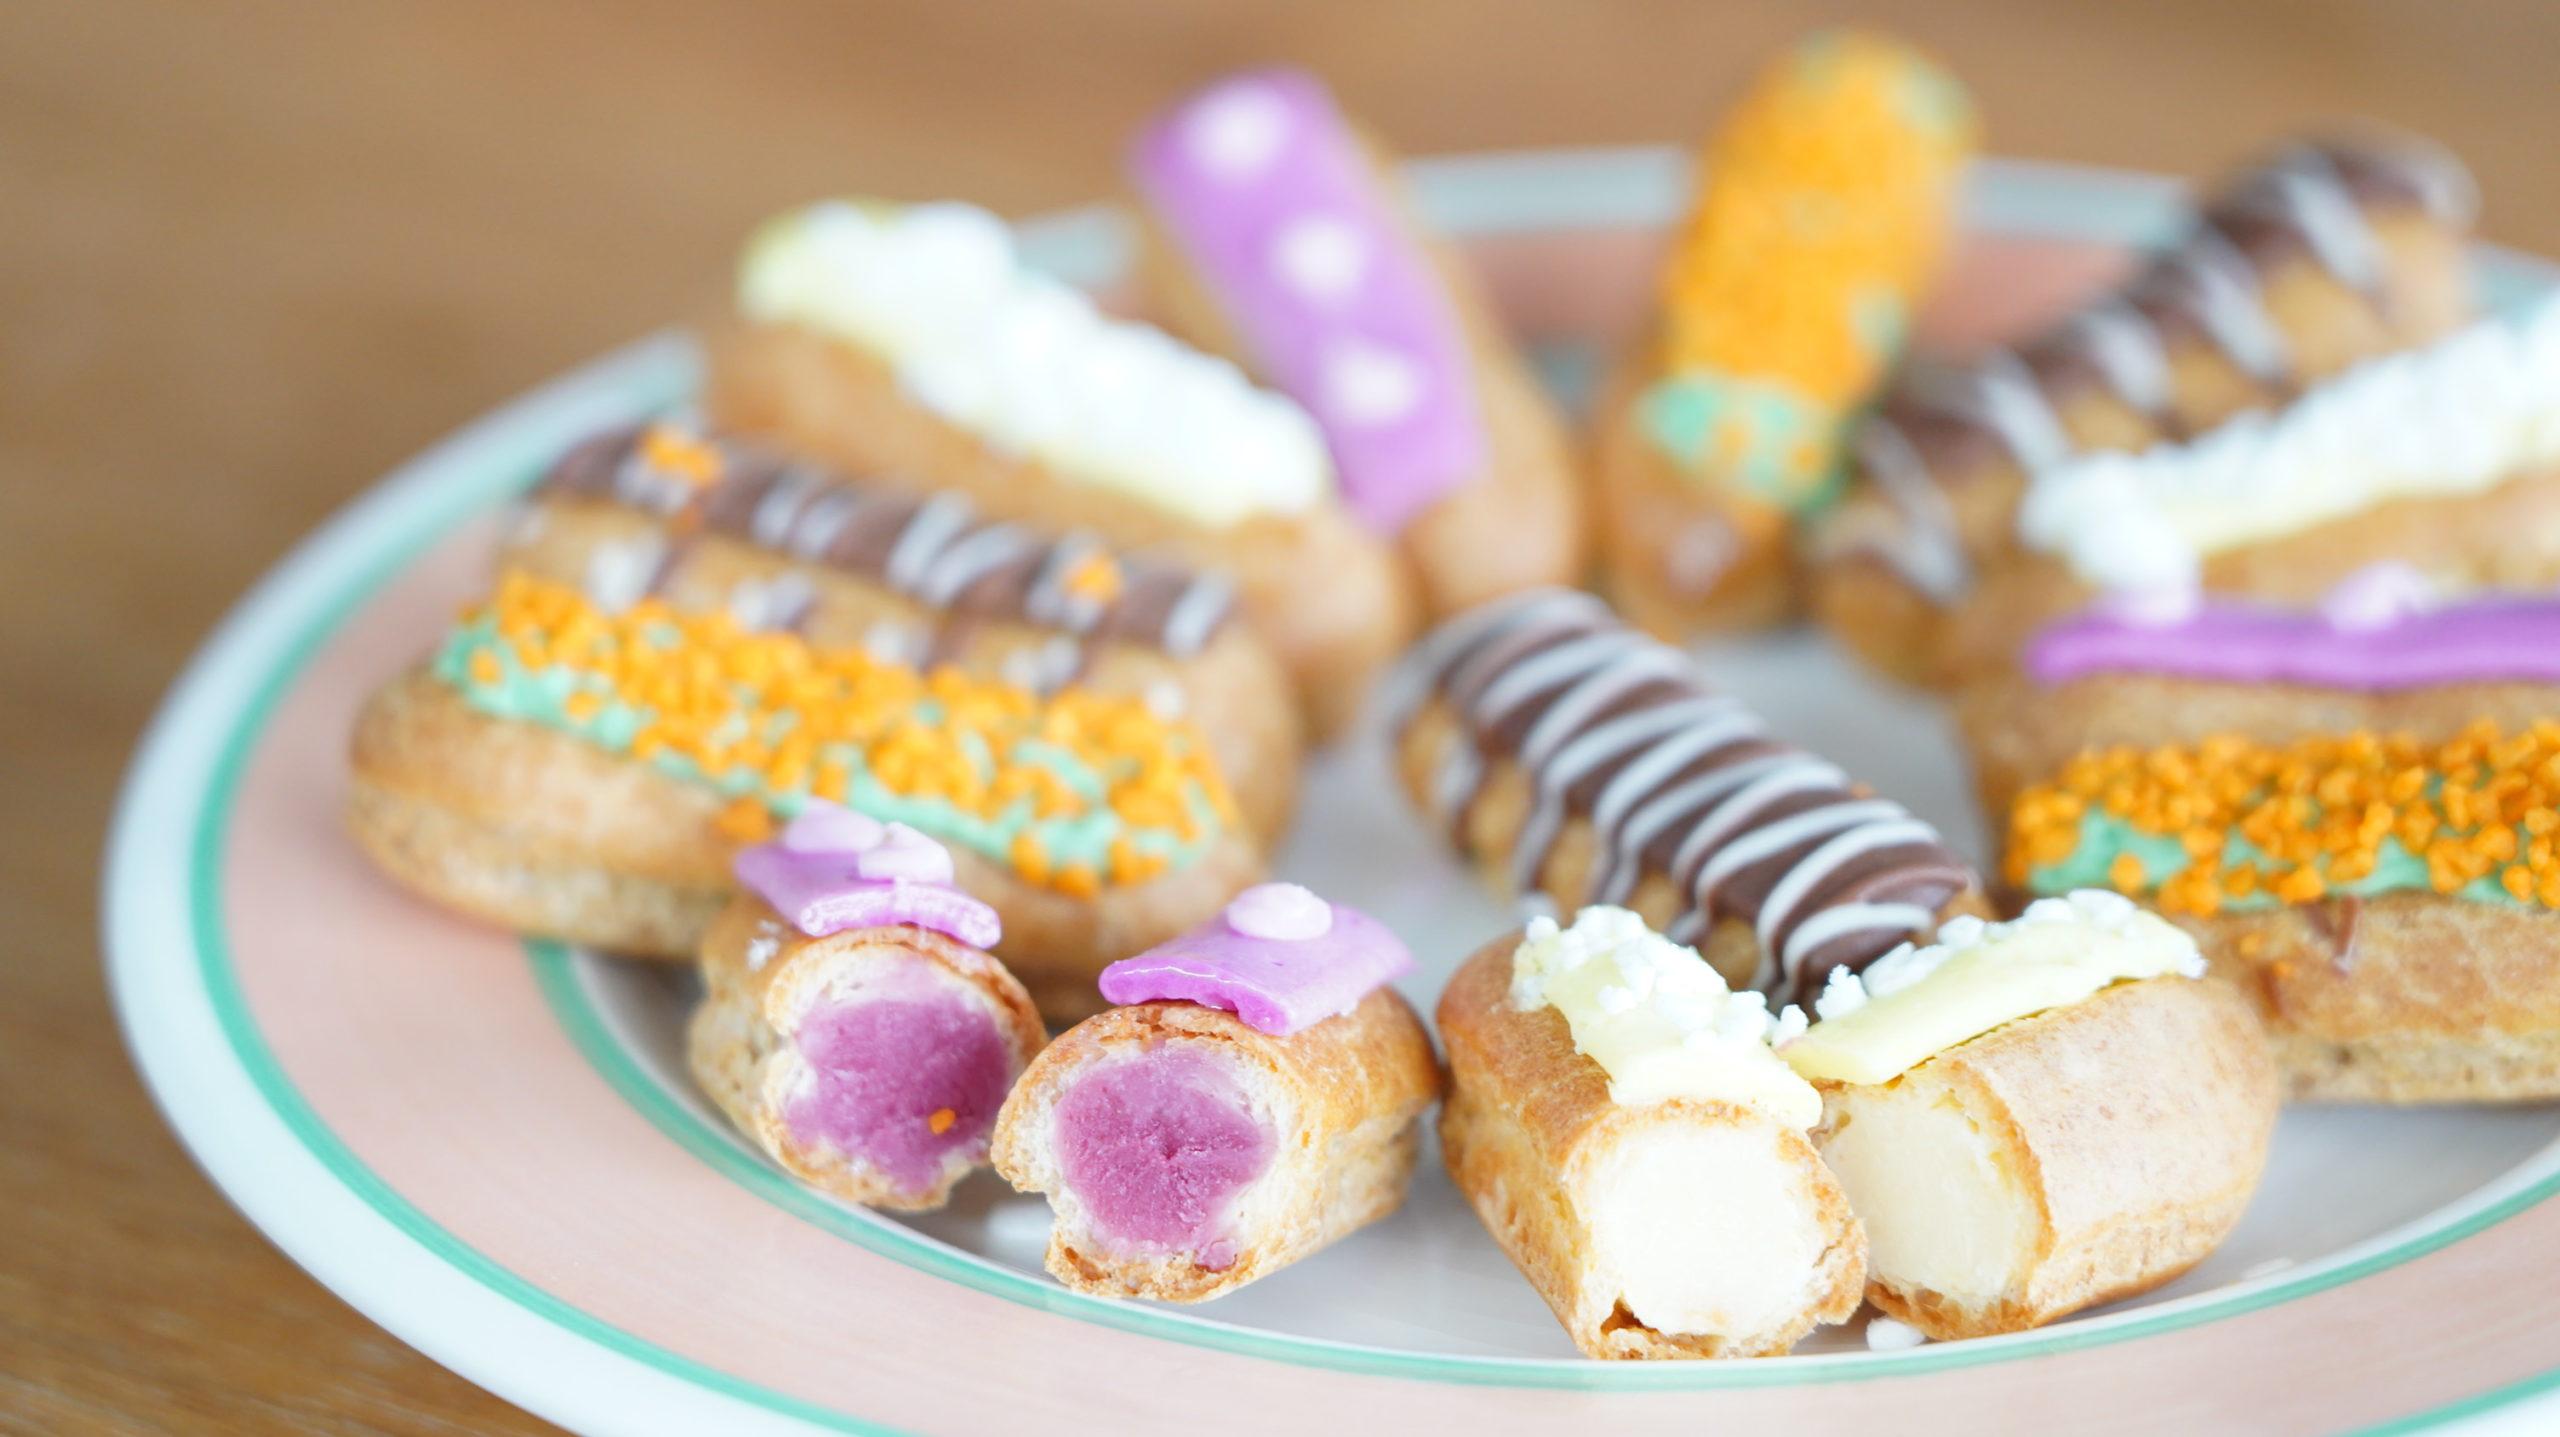 ピカールの冷凍食品「食いしん坊のミニエクレア」を解凍した写真